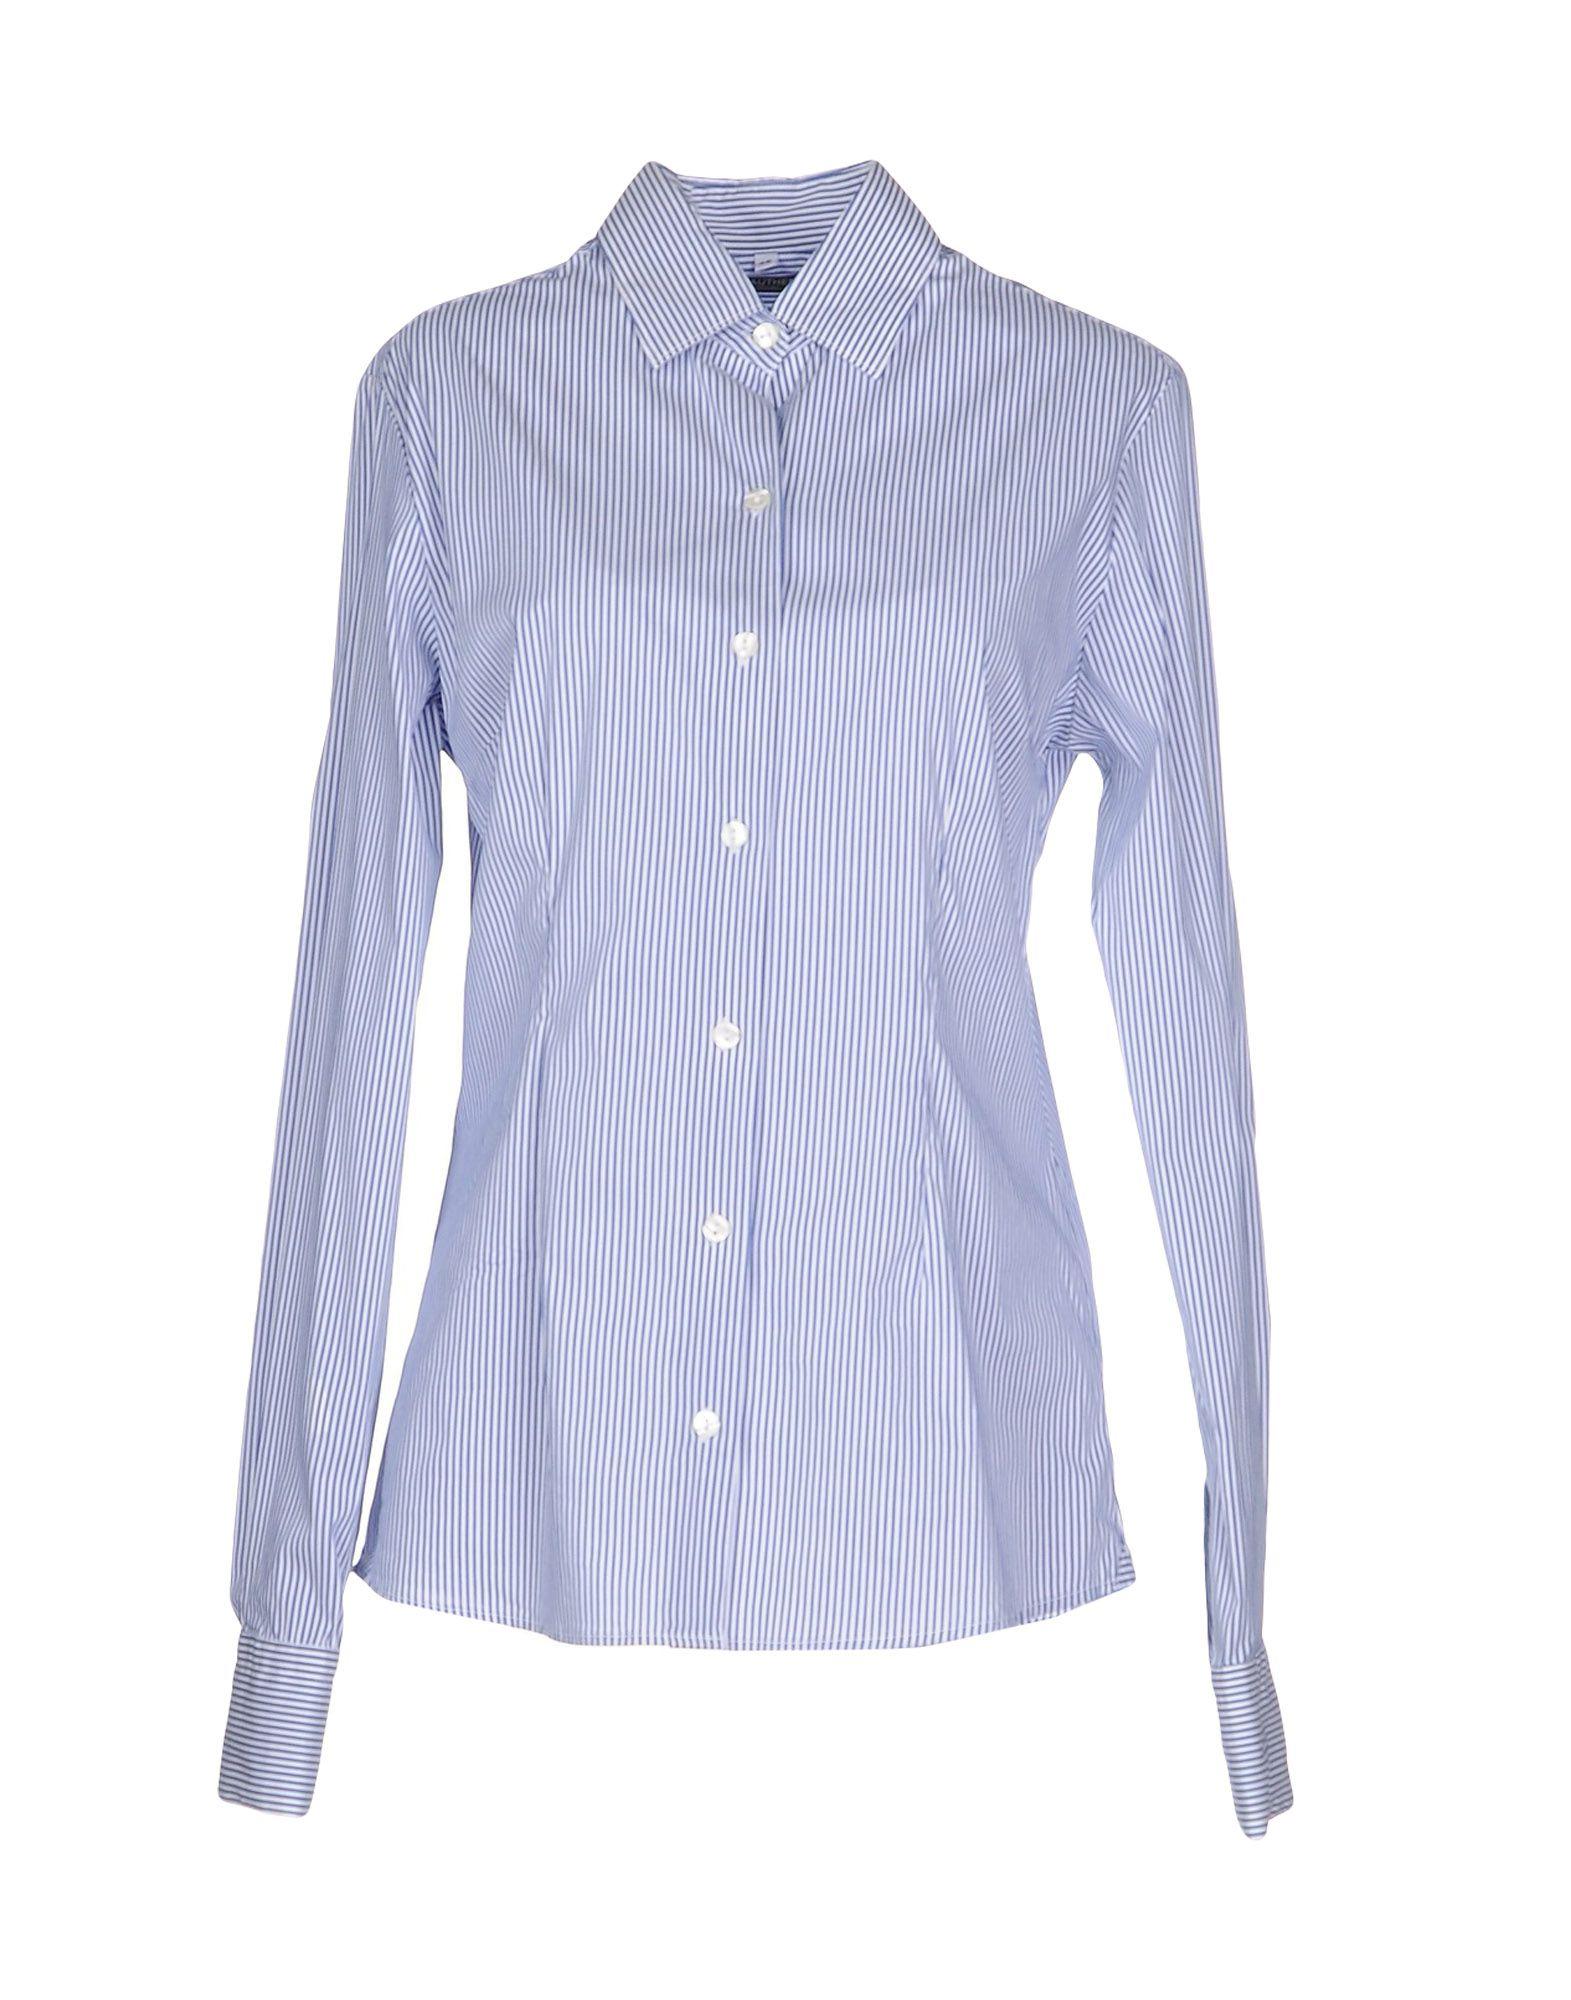 AUTHENTIC CLOTHING COMPANY Pубашка